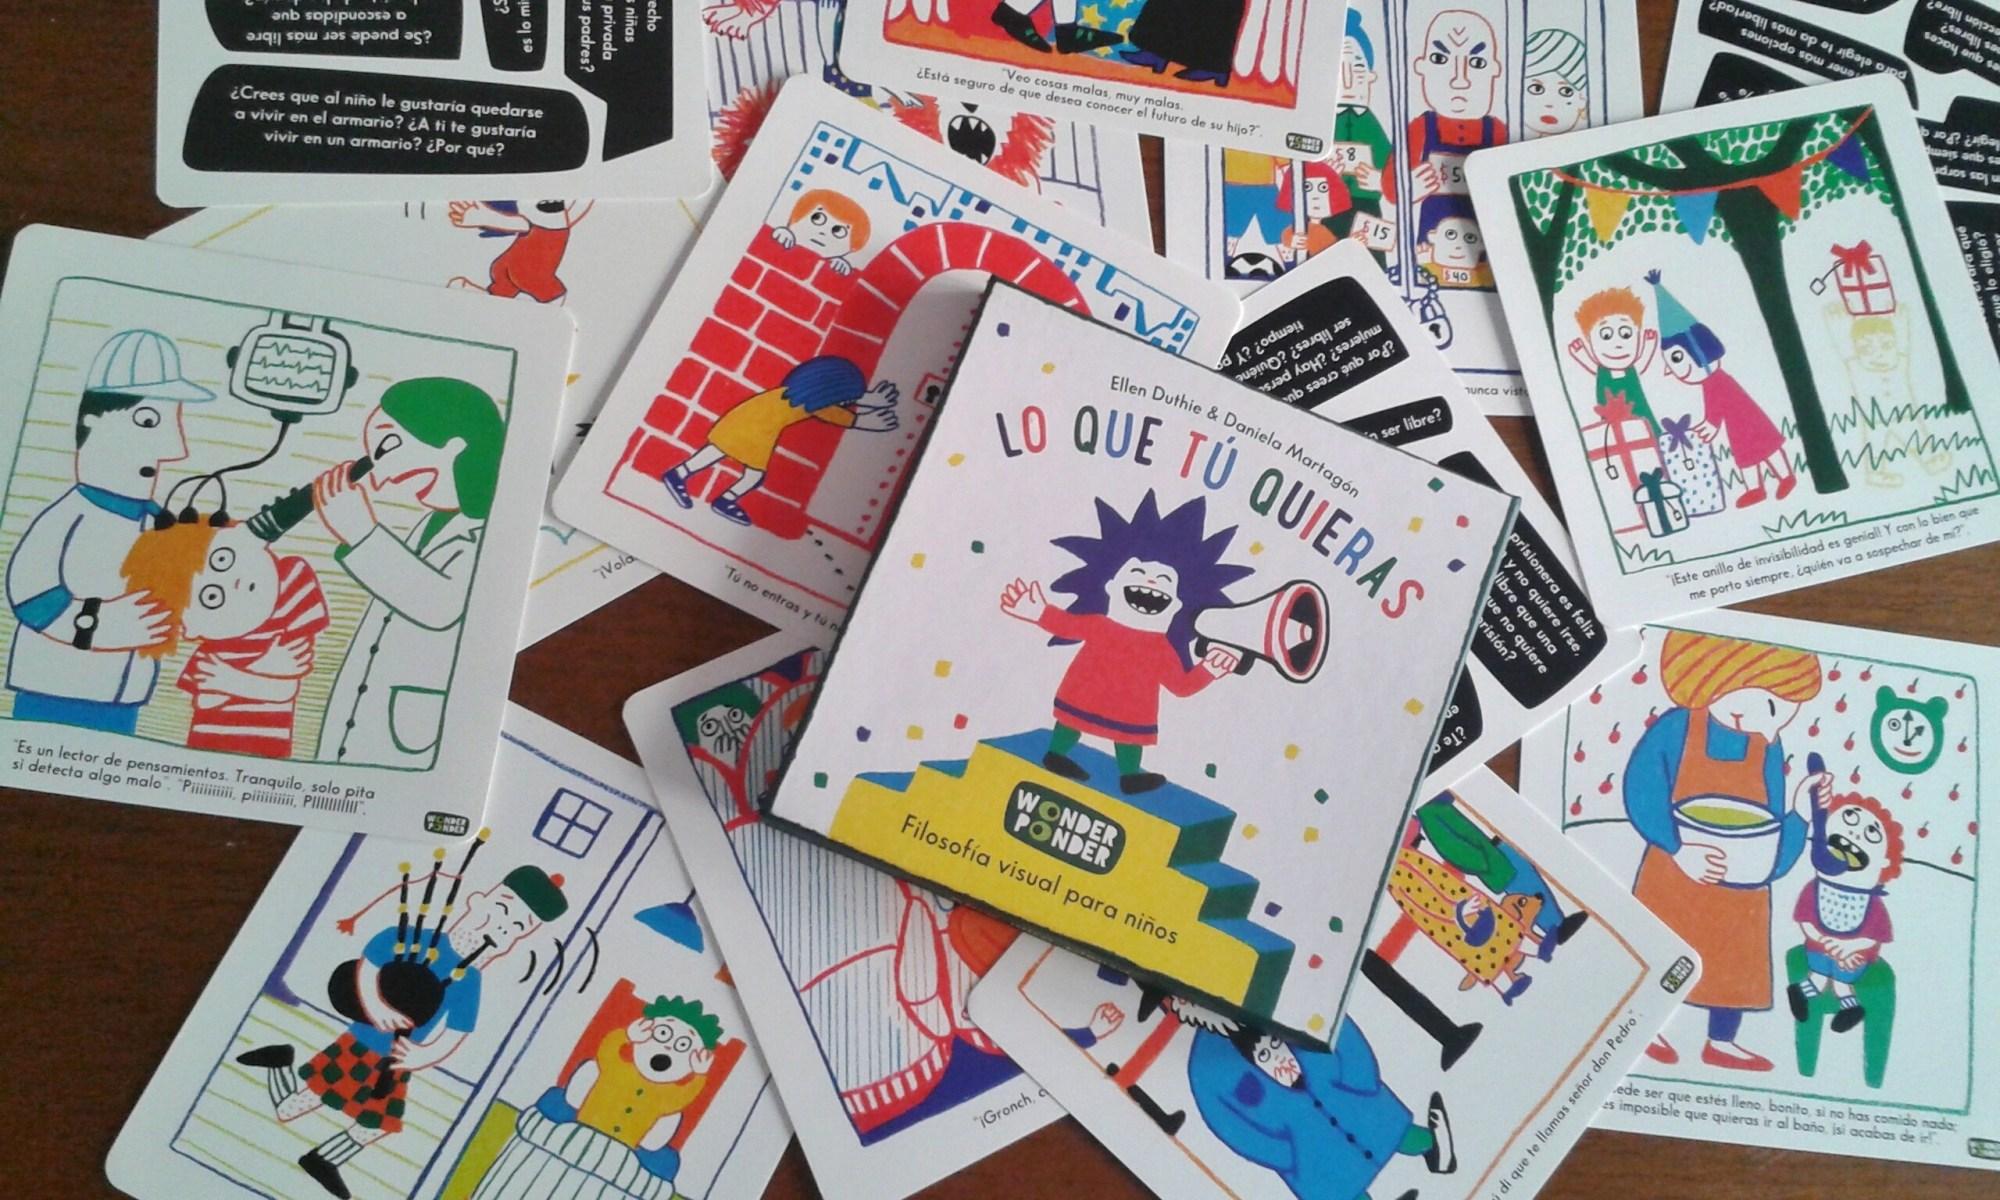 Caja y tarjetas de Lo que tú quieras, de Ellen Duthie y Daniela Martagón